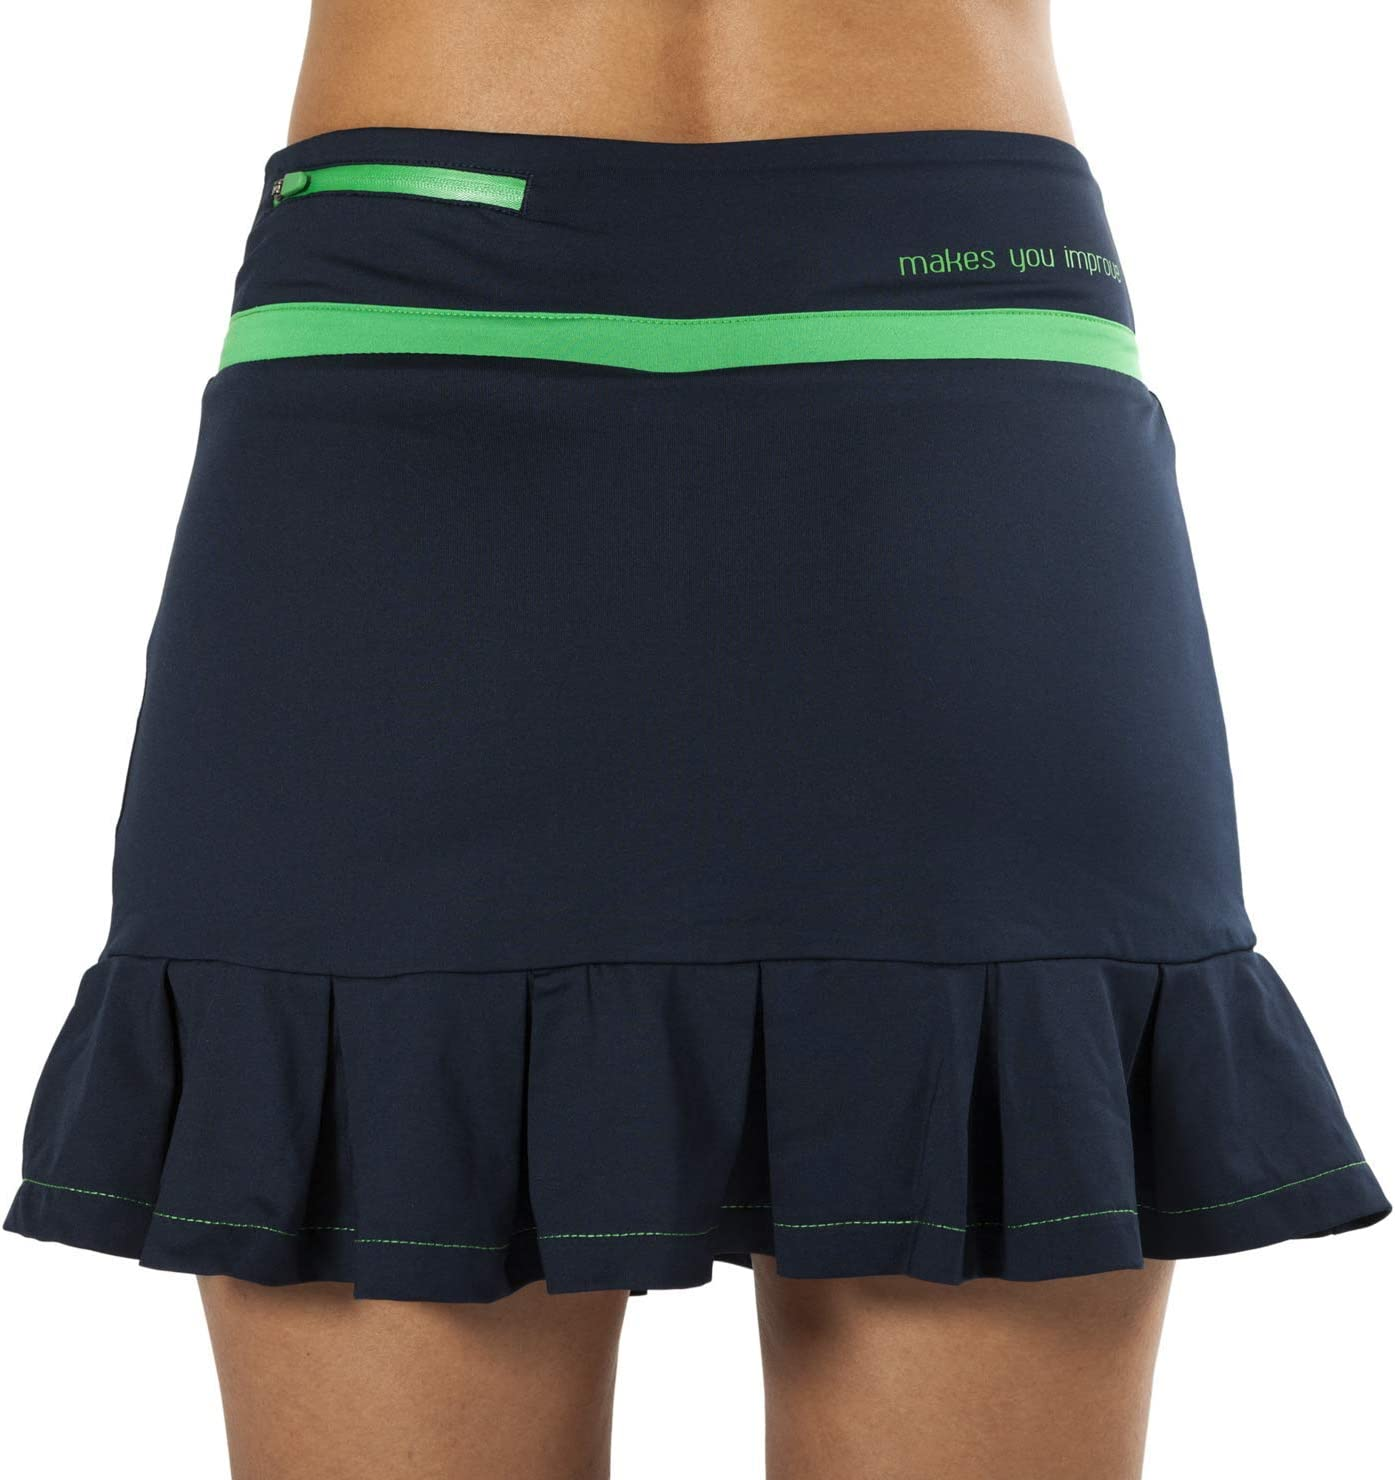 NOX Falda Pro Azul con Logo Verde: Amazon.es: Deportes y aire libre